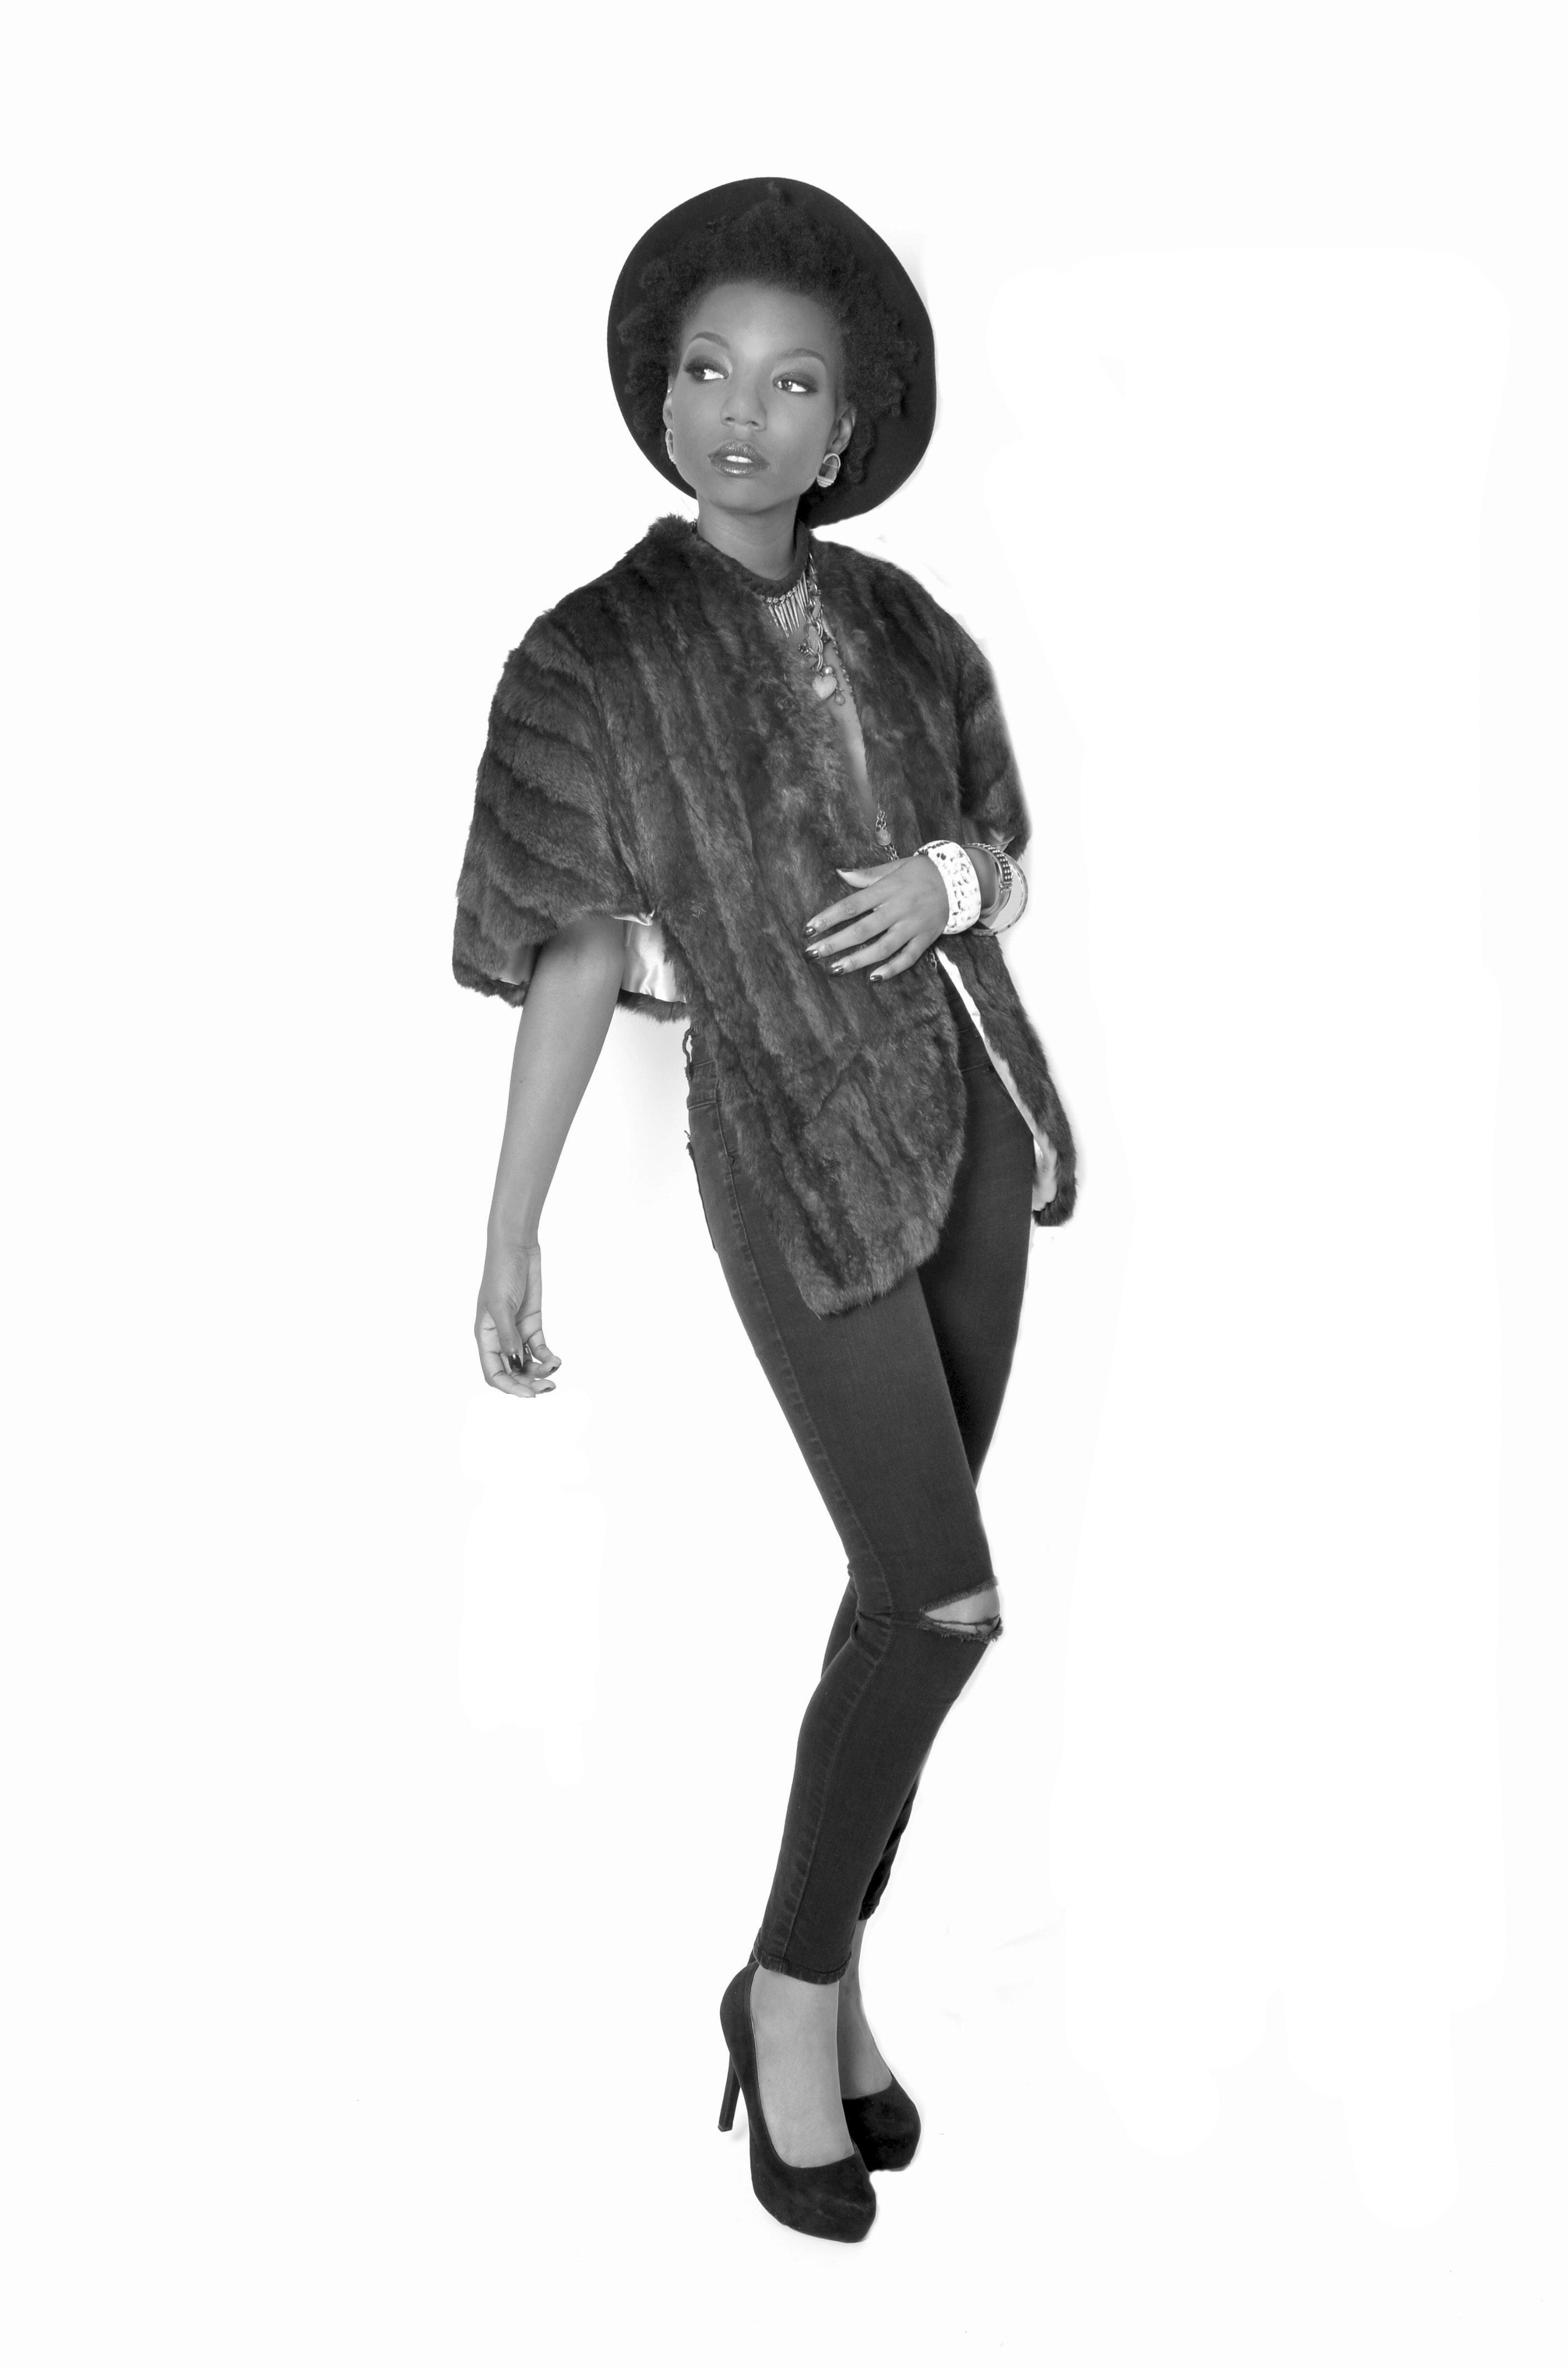 Aniysa Taylor's Model portfolio